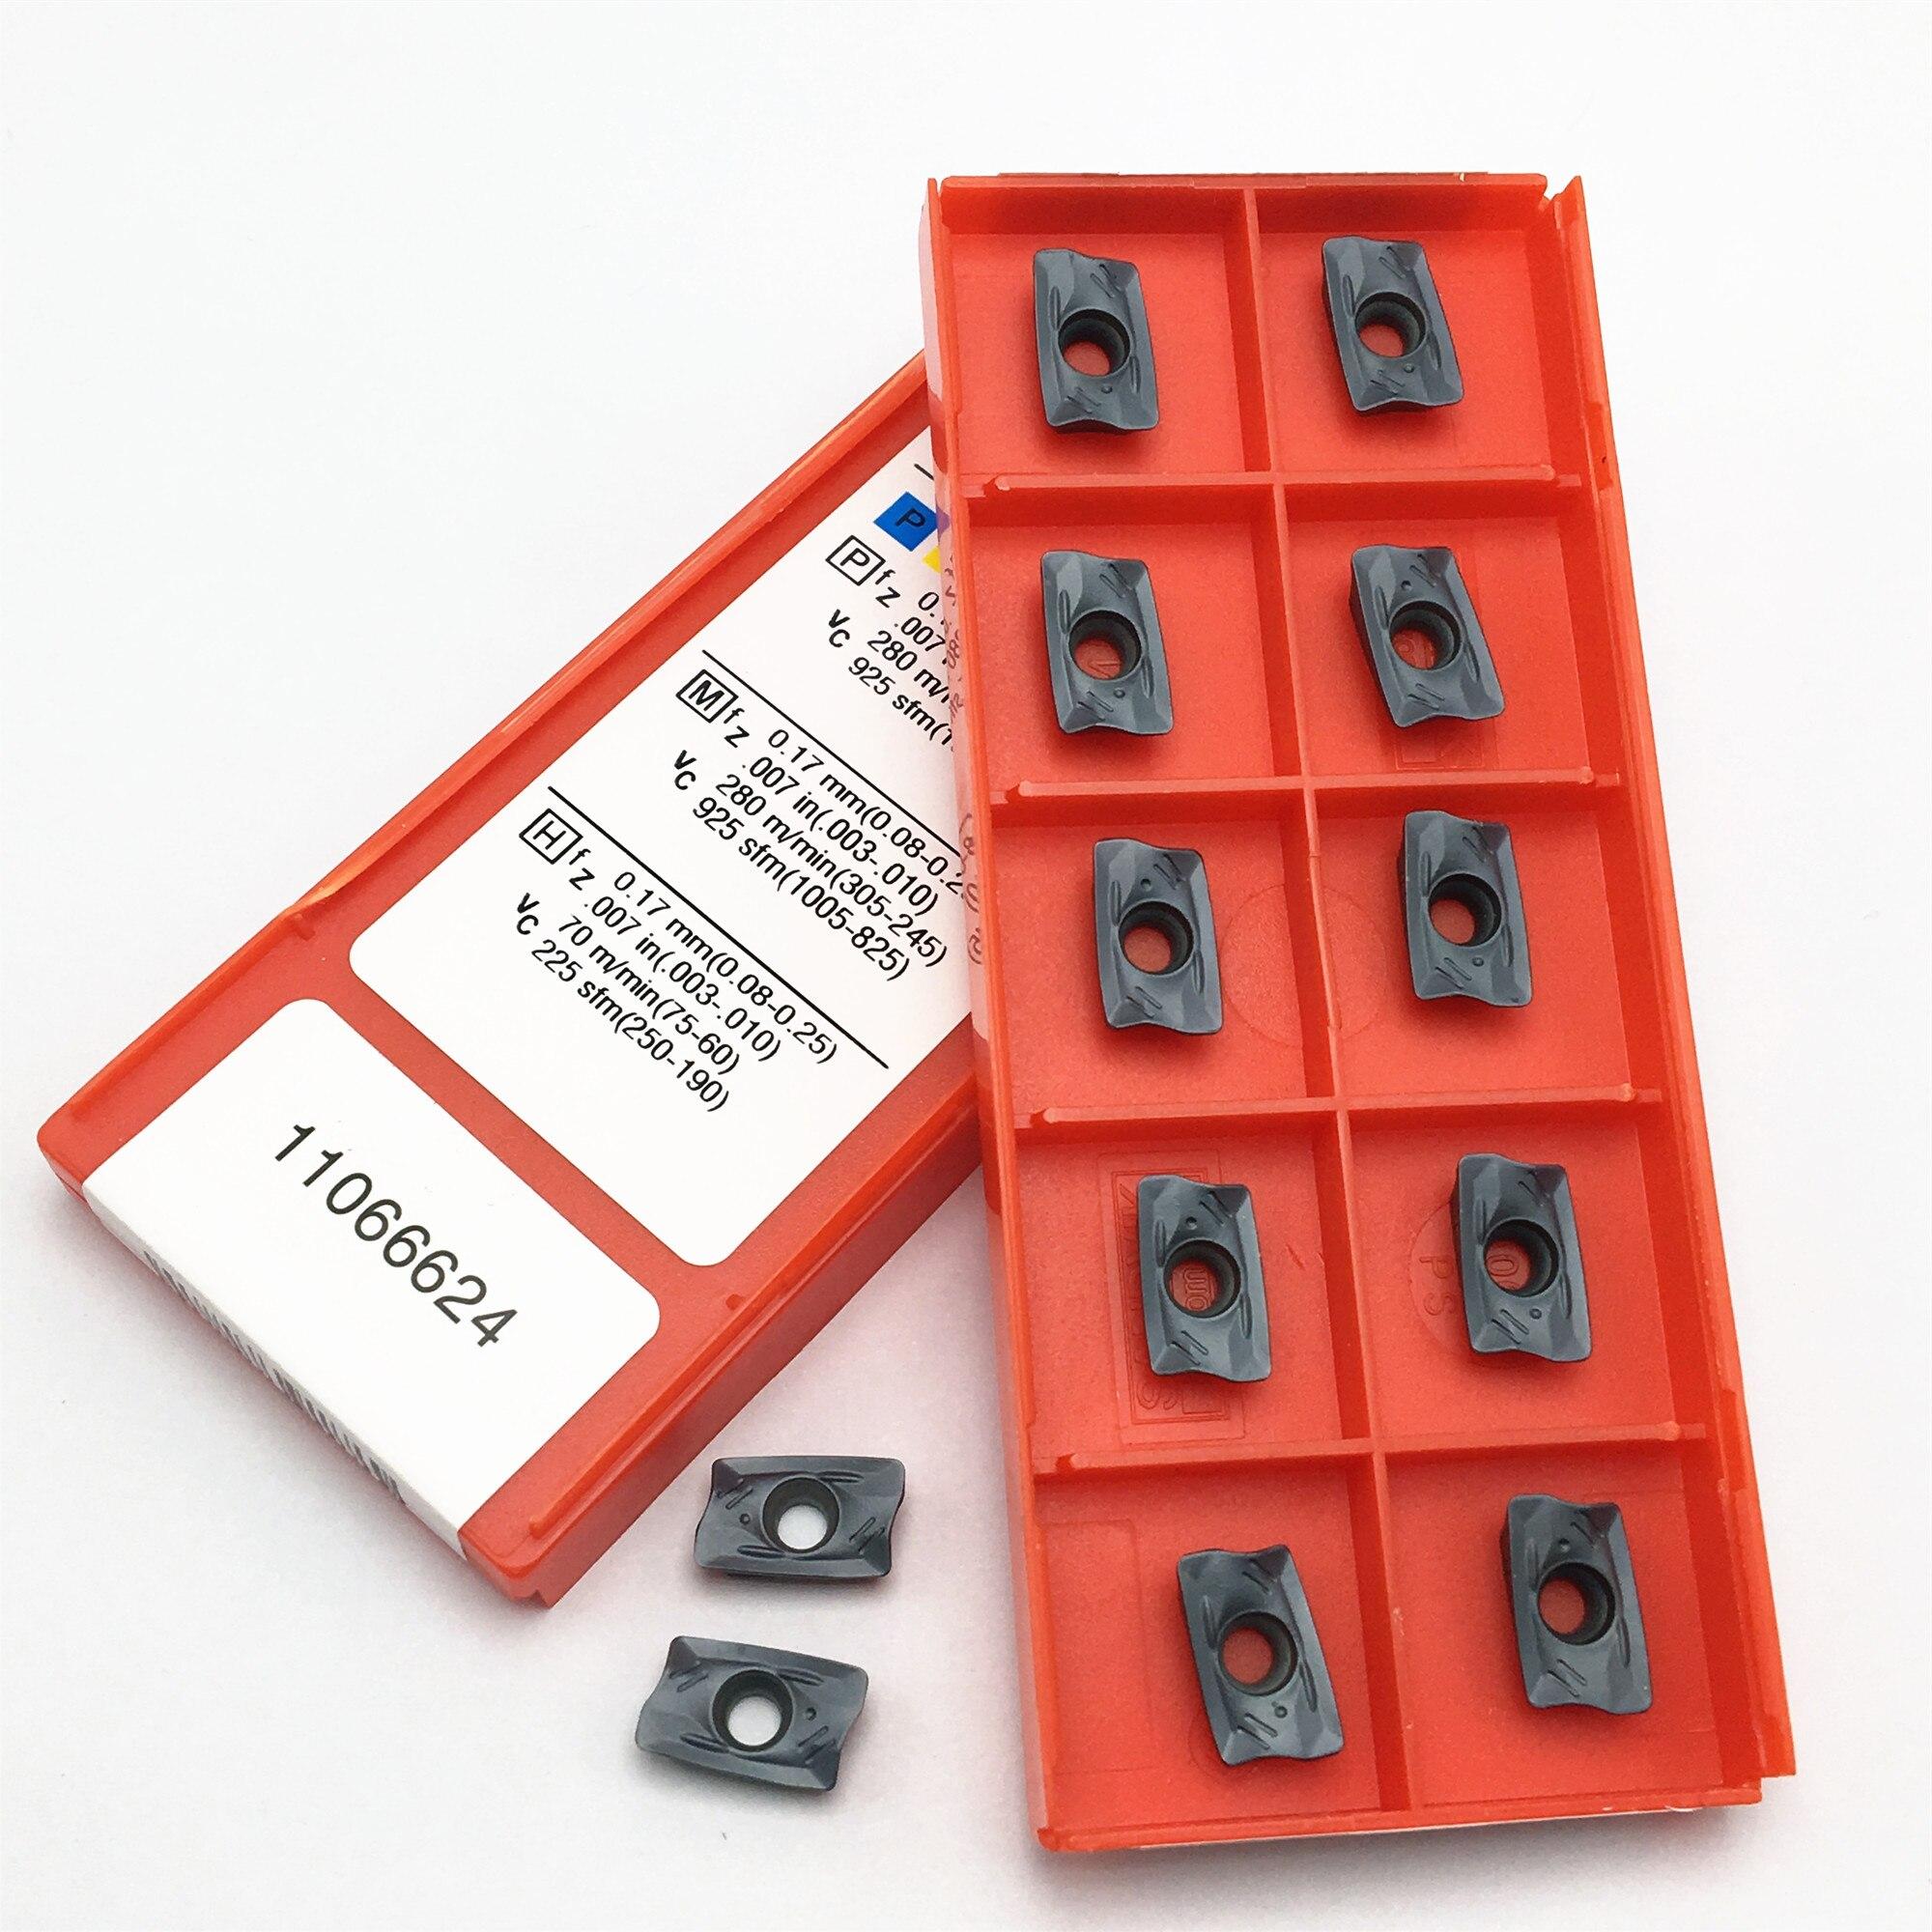 100PCS Freies Verschiffen R390 11T308M PM 1130 Hartmetall Insert Fräsen Maschine Gesicht Fräsen Werkzeug R39011T308M PM1130 Drehmaschine Werkzeug Klinge